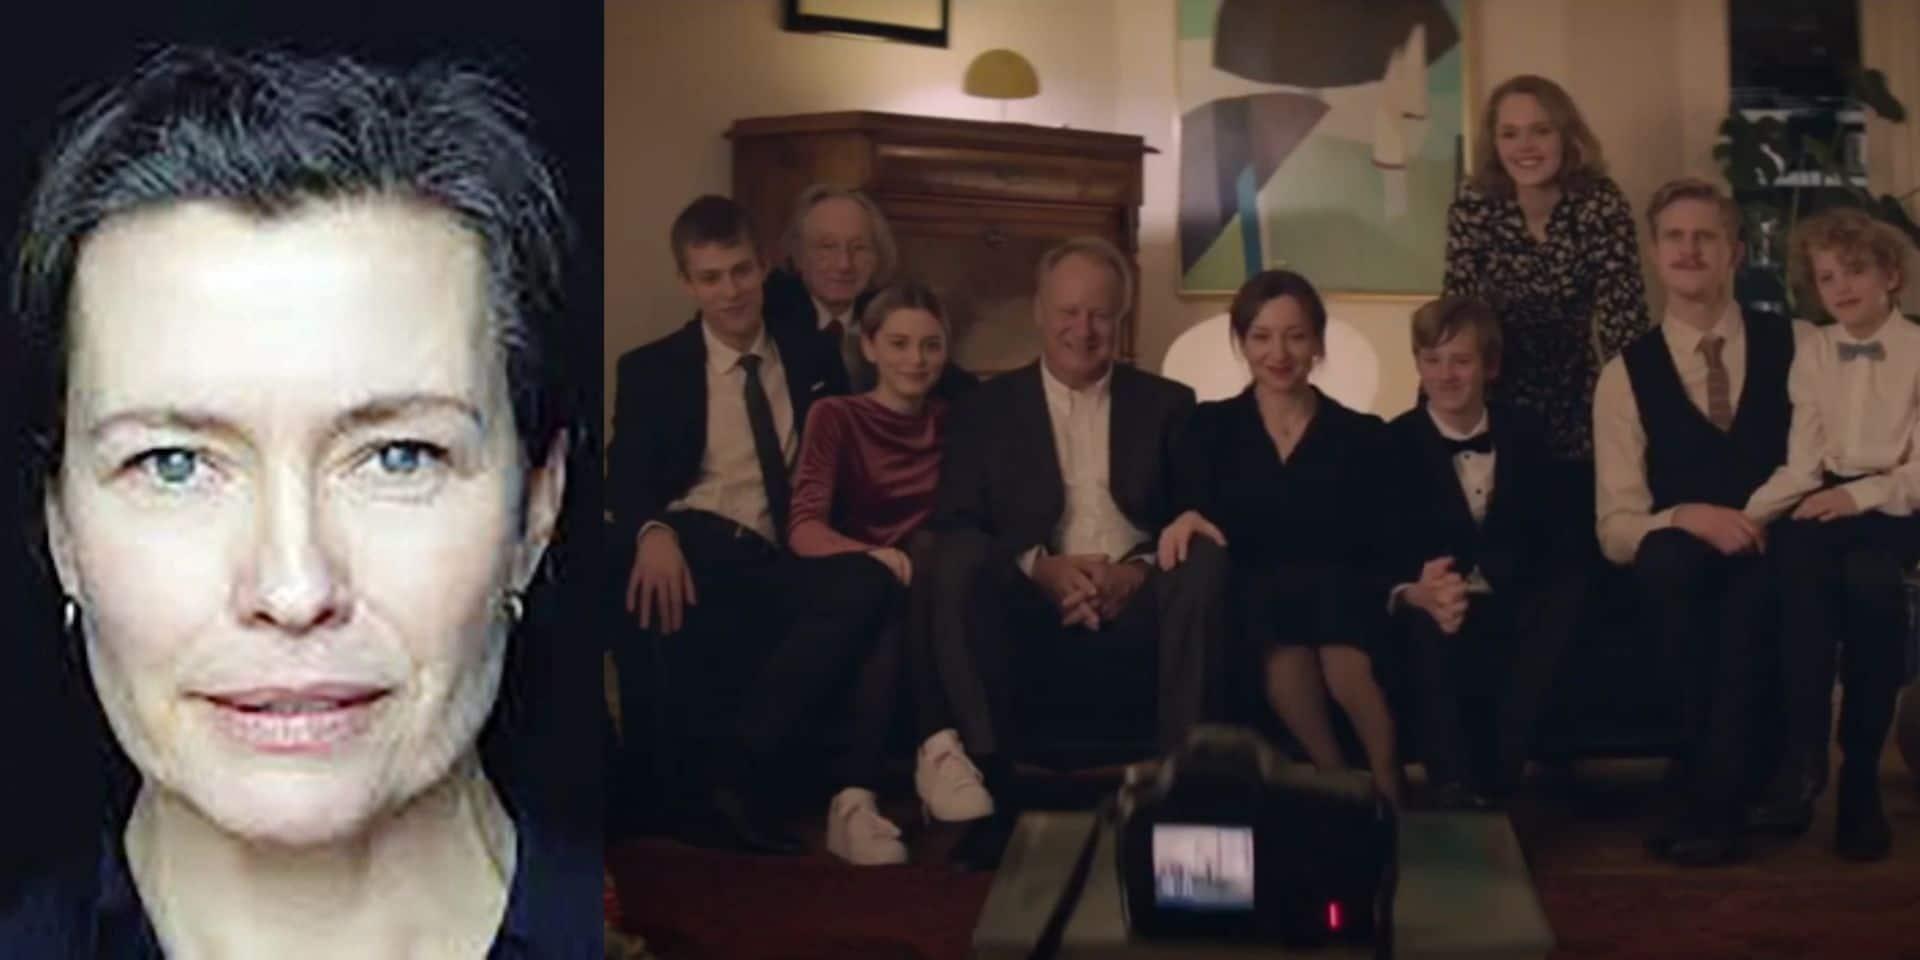 """Maria Sødahl raconte son expérience dans un film: """"J'ai demandé à mes enfants quels souvenirs ils gardaient de moi, quel monstre ils avaient vu ?"""""""